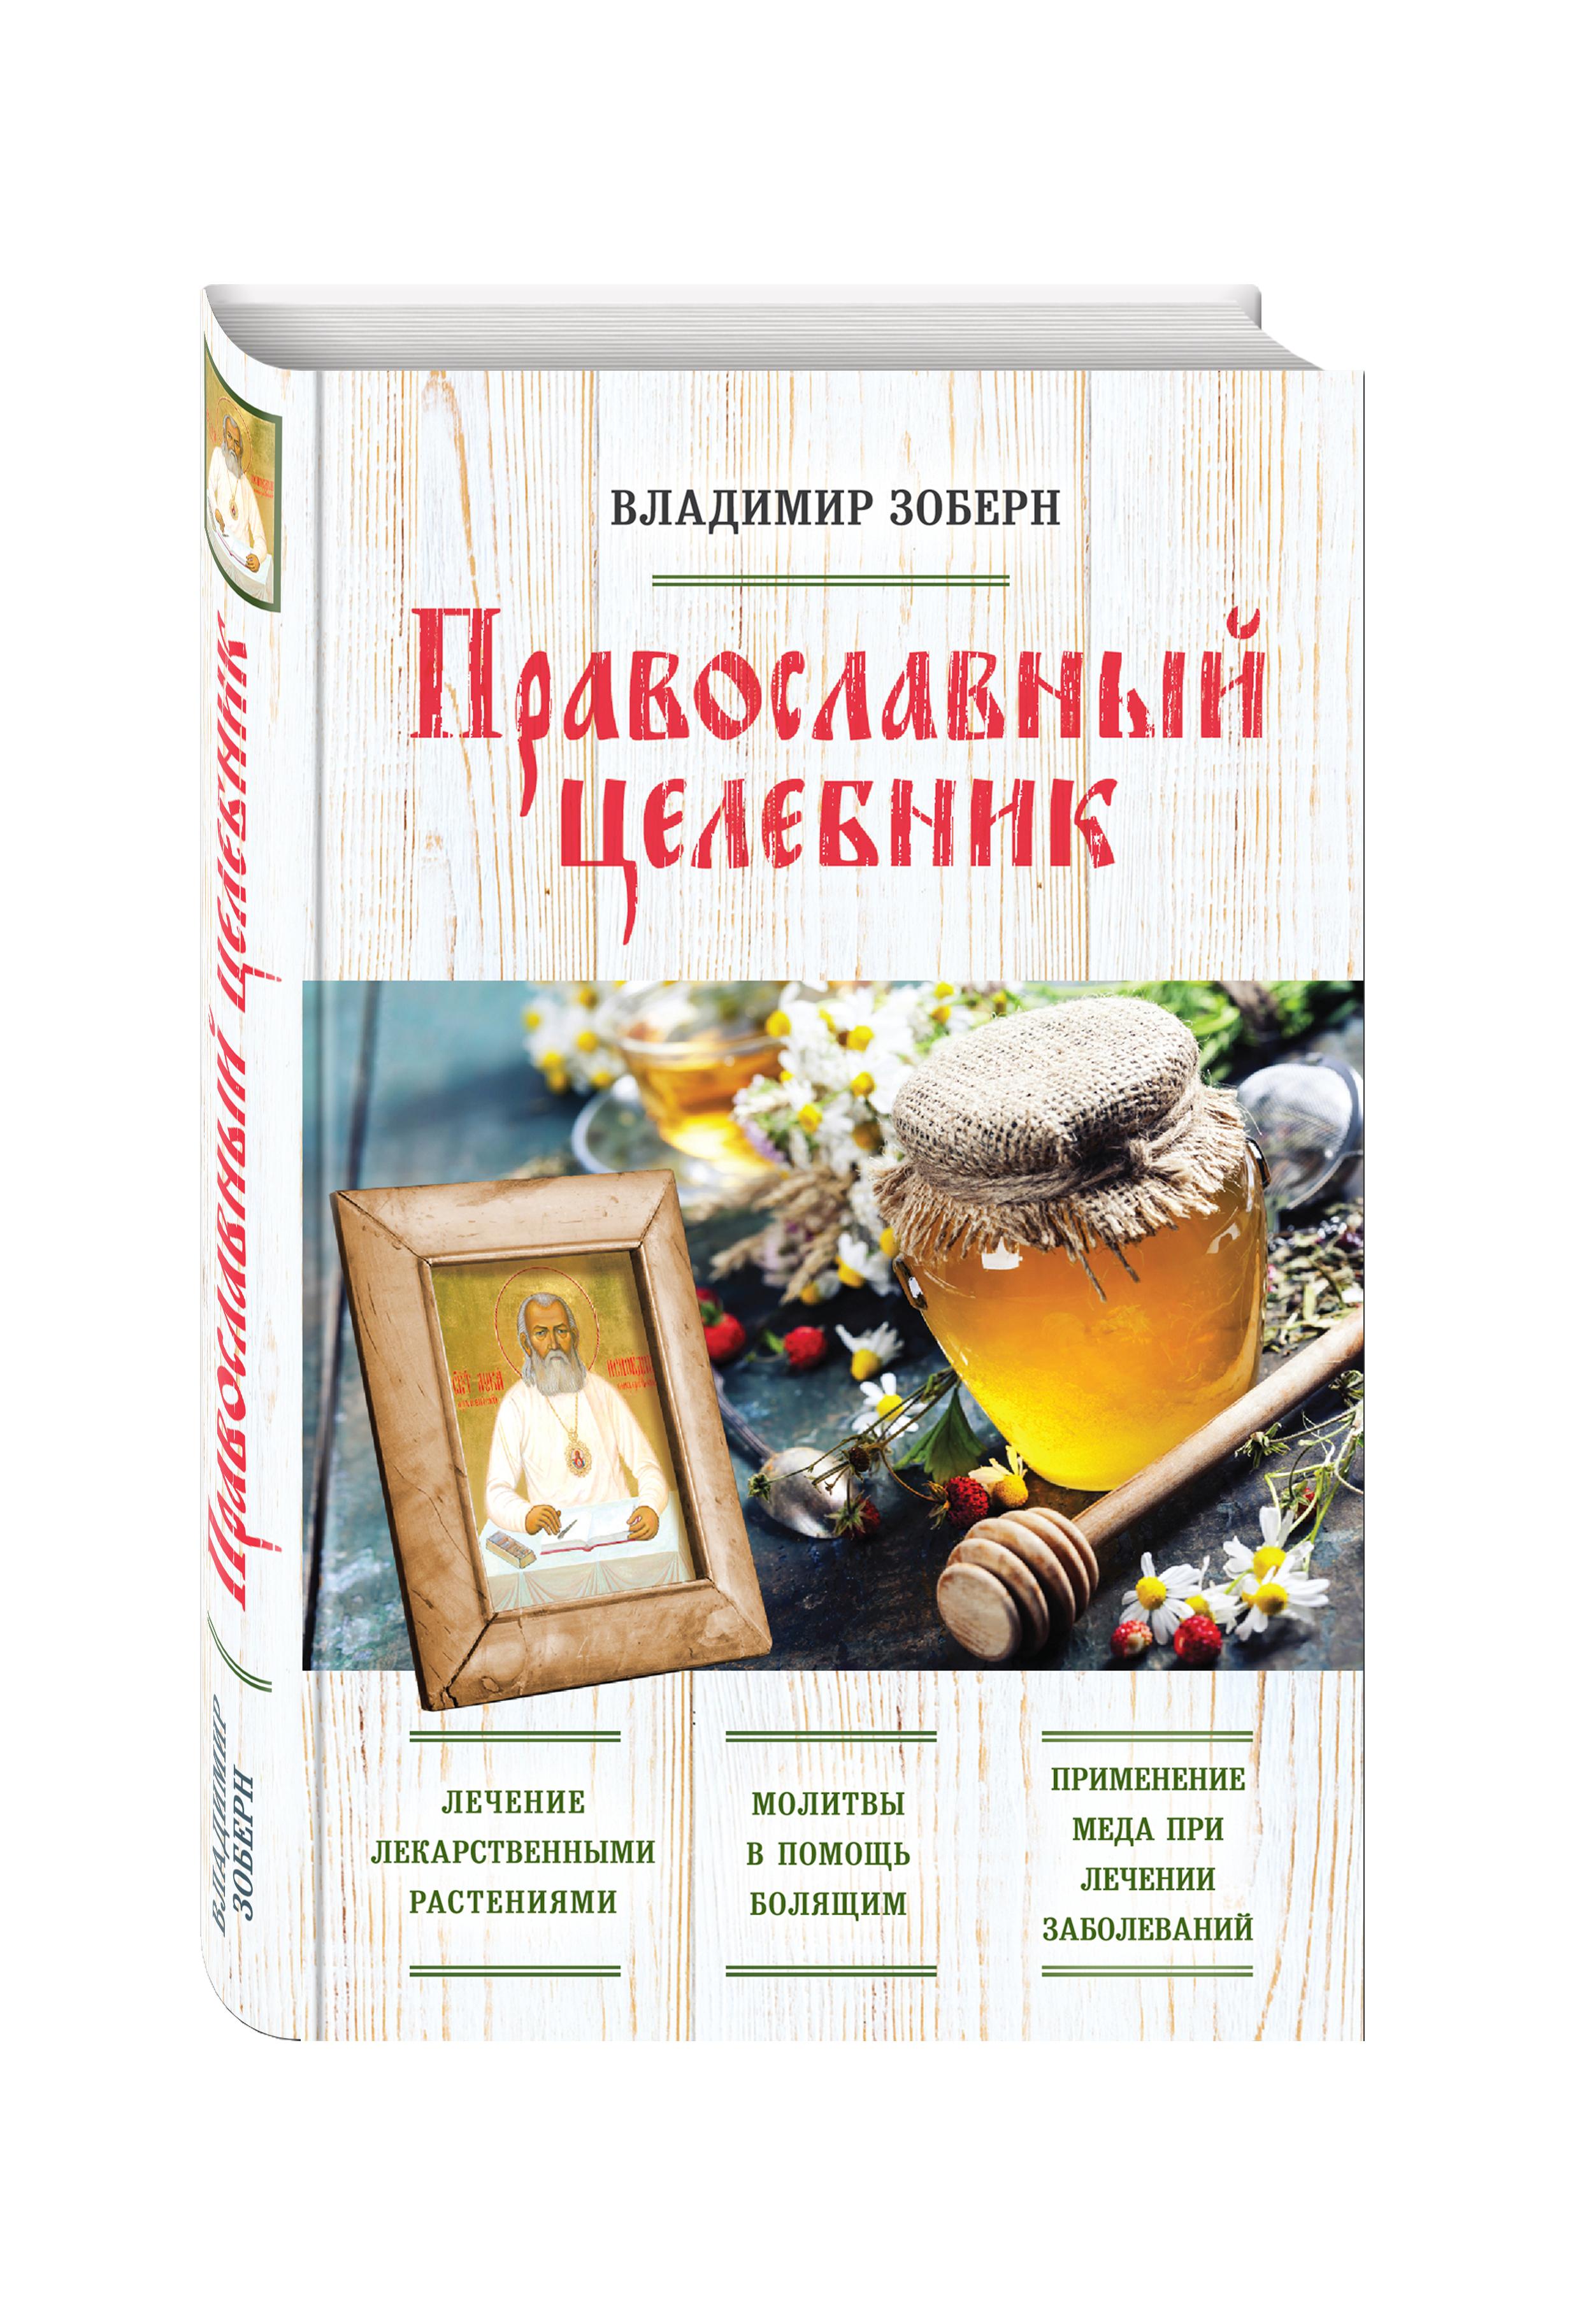 Православный целебник (оф. 2)